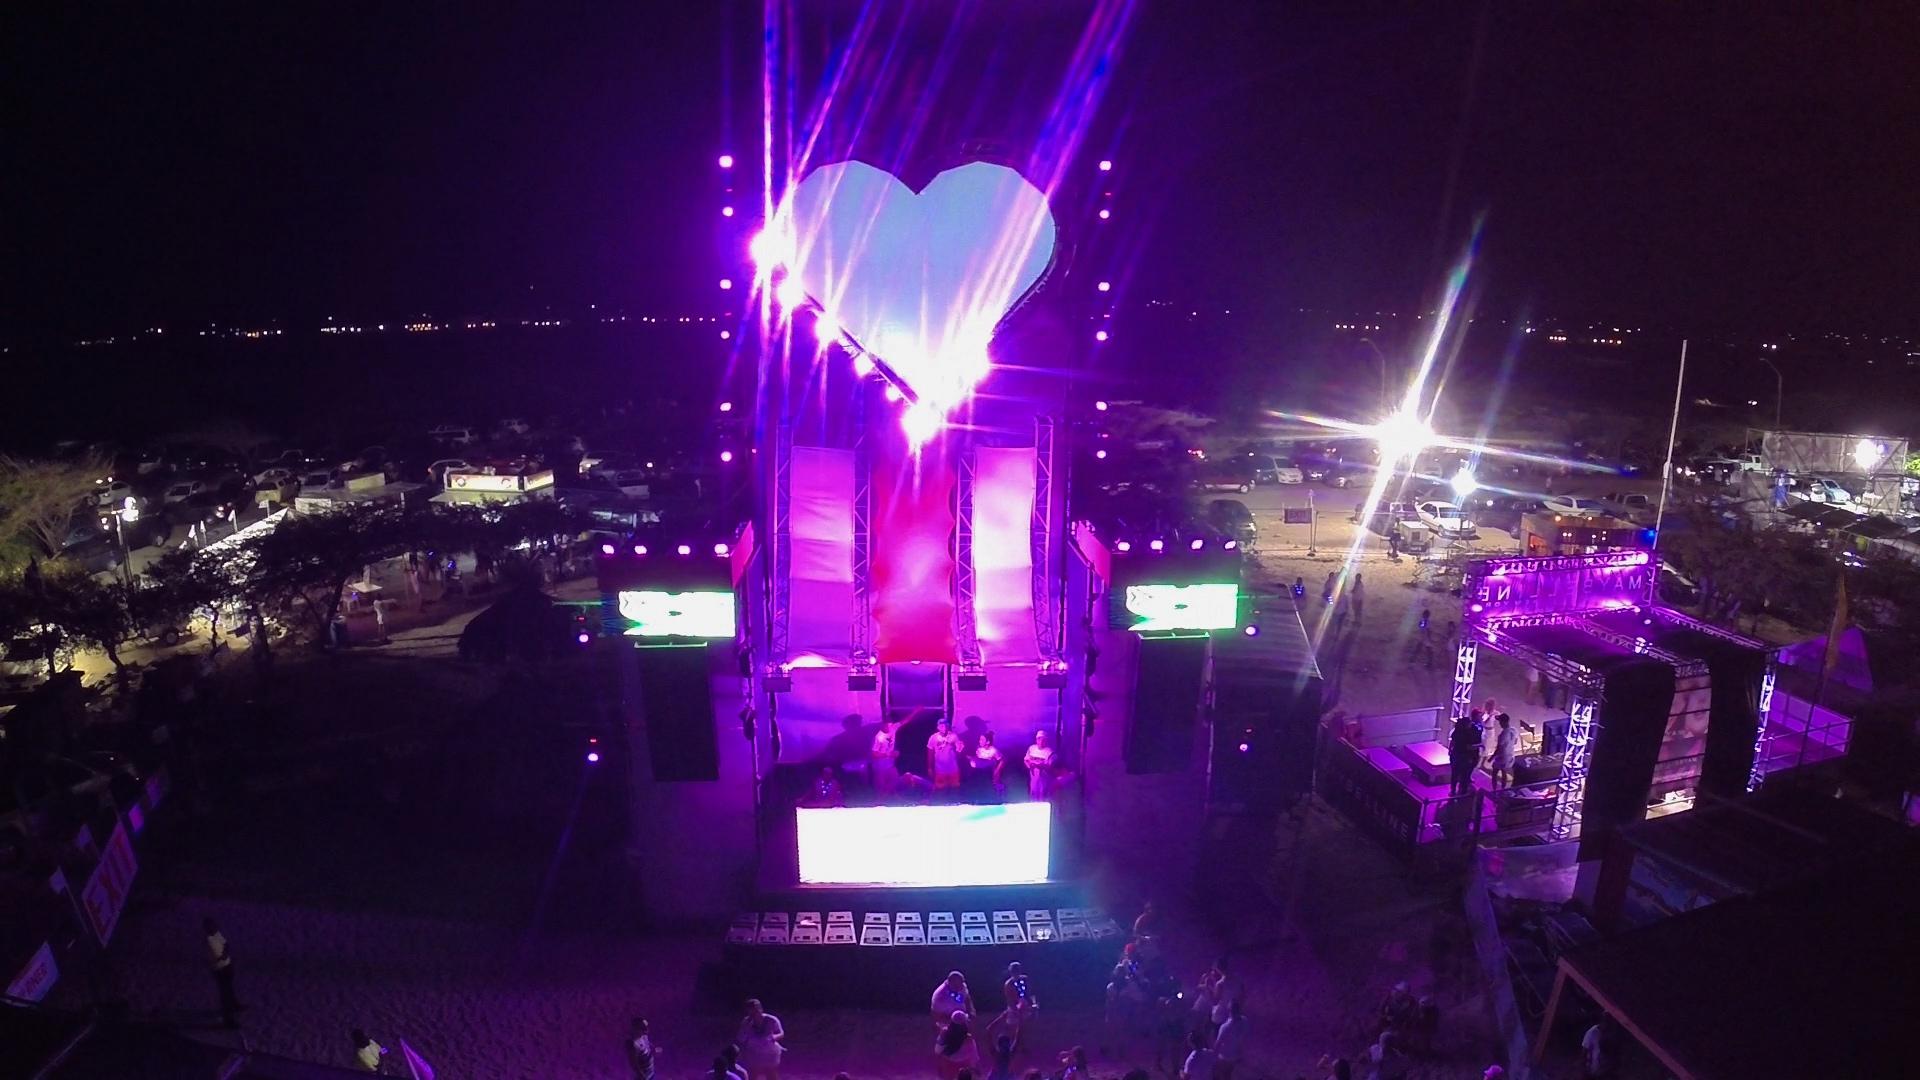 Love Festival apresenta o melhor da música eletrônica em Aruba 41